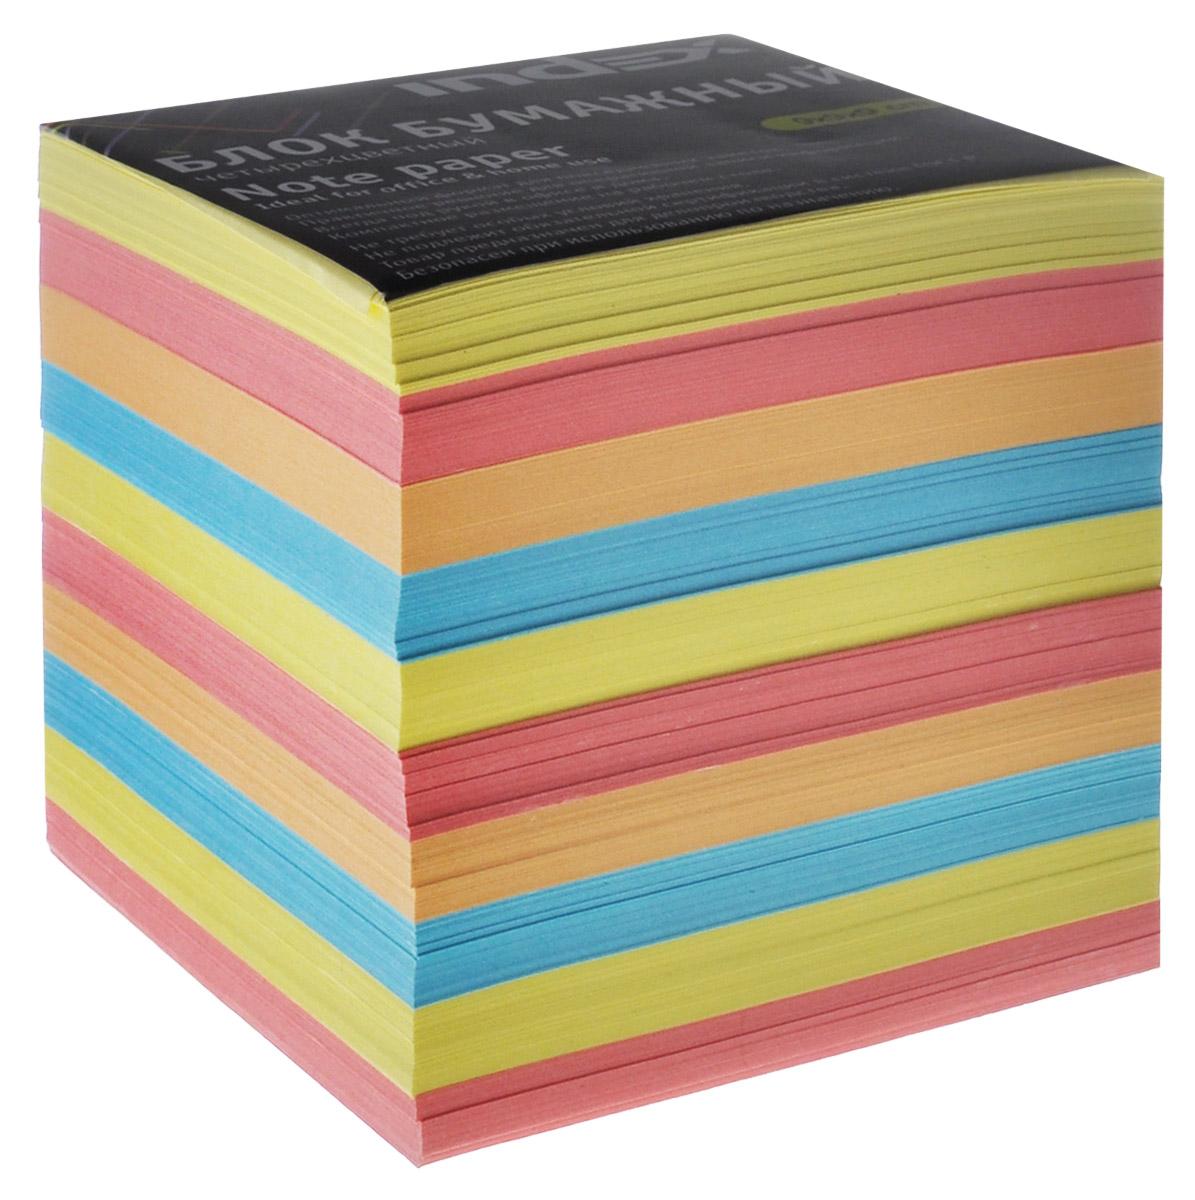 Index Блок для записей многоцветный, цвет: желтый, розовый, голубой